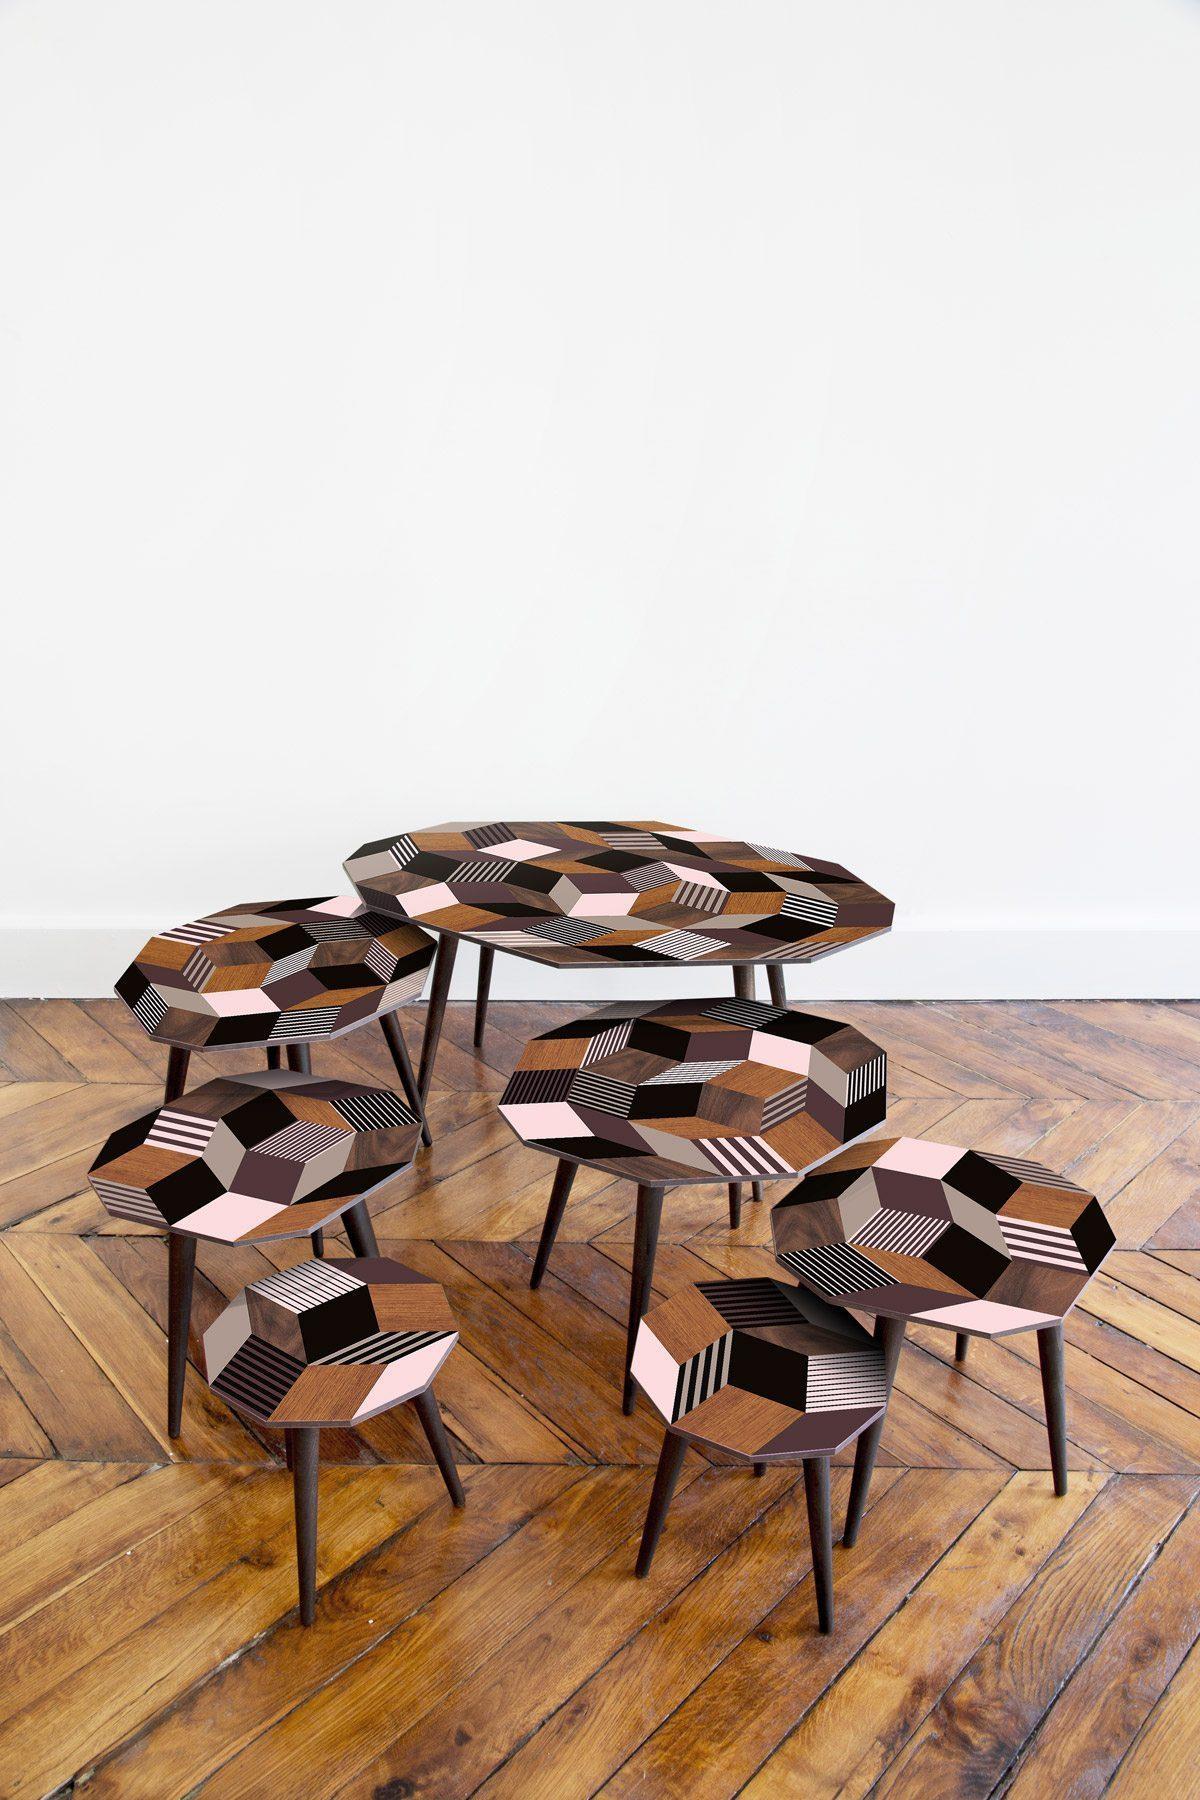 made in design plateaux des tables fancy wood par ichetkar pavage penrose marqueterie et rose photo jérémie Léon